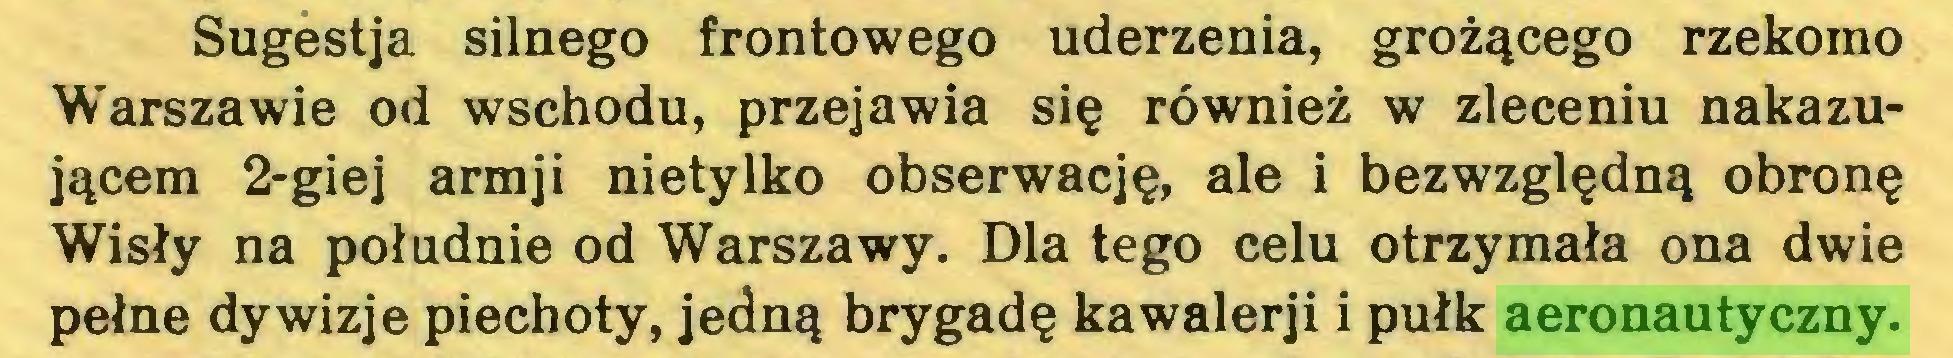 (...) Sugestja silnego frontowego uderzenia, grożącego rzekomo Warszawie od wschodu, przejawia się również w zleceniu nakazującem 2-giej armji nietylko obserwację, ale i bezwzględną obronę Wisły na południe od Warszawy. Dla tego celu otrzymała ona dwie pełne dywizje piechoty, jedną brygadę kawalerji i pułk aeronautyczny...